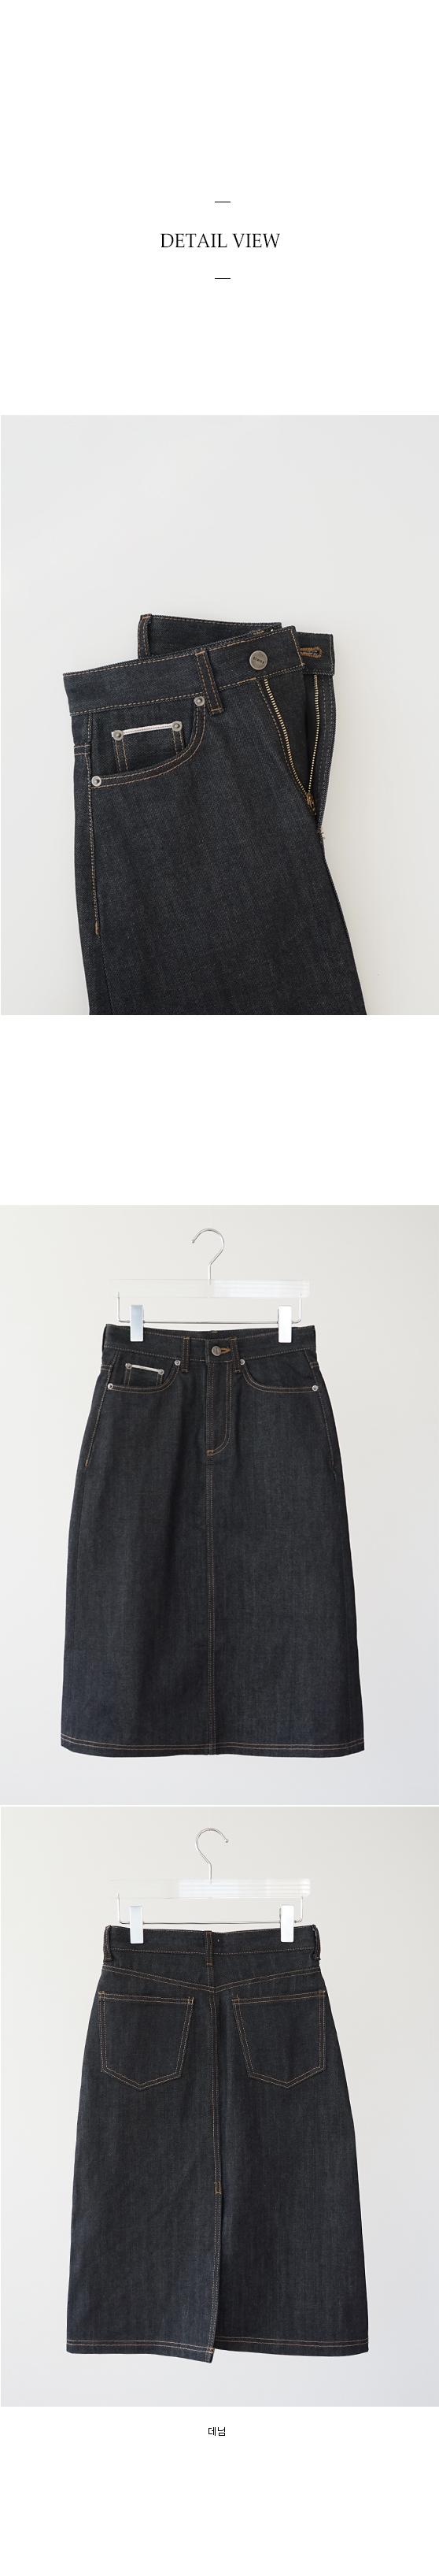 selvedge denim skirt